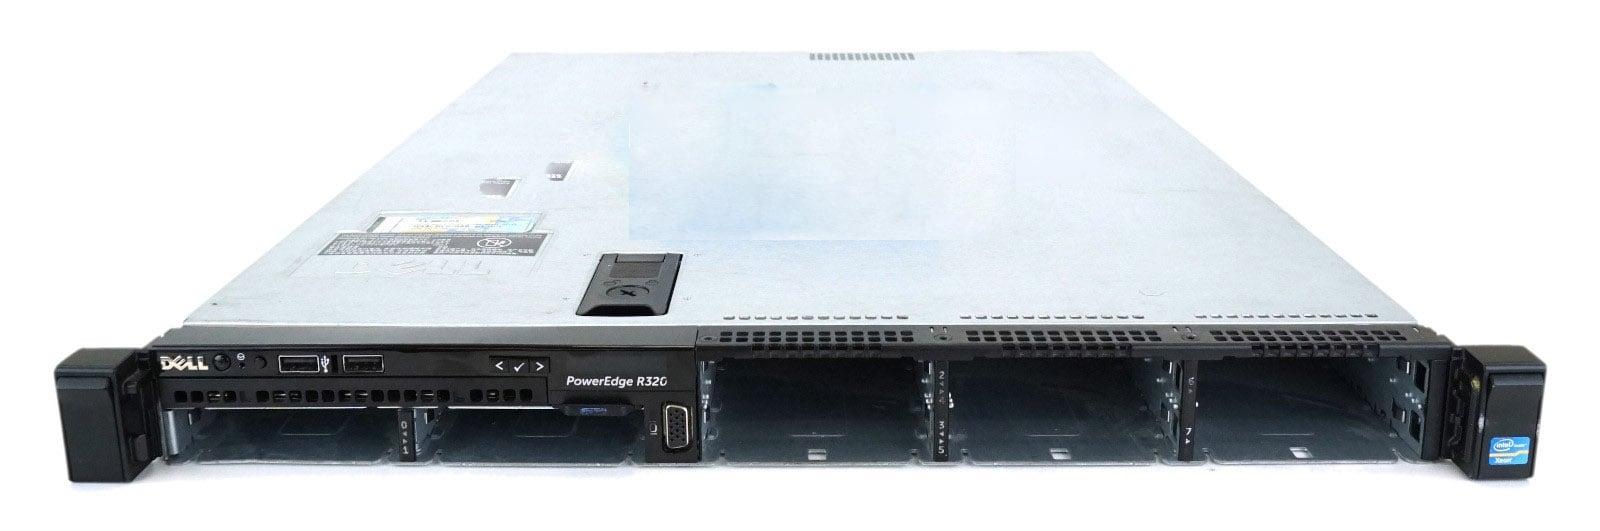 Server Dell PowerEdge R320, Intel 6 Core Xeon E5-2420 1.9 GHz, 16 GB DDR3 ECC, 2 x 256 GB SSD, 4 Ani Garantie - imaginea 1